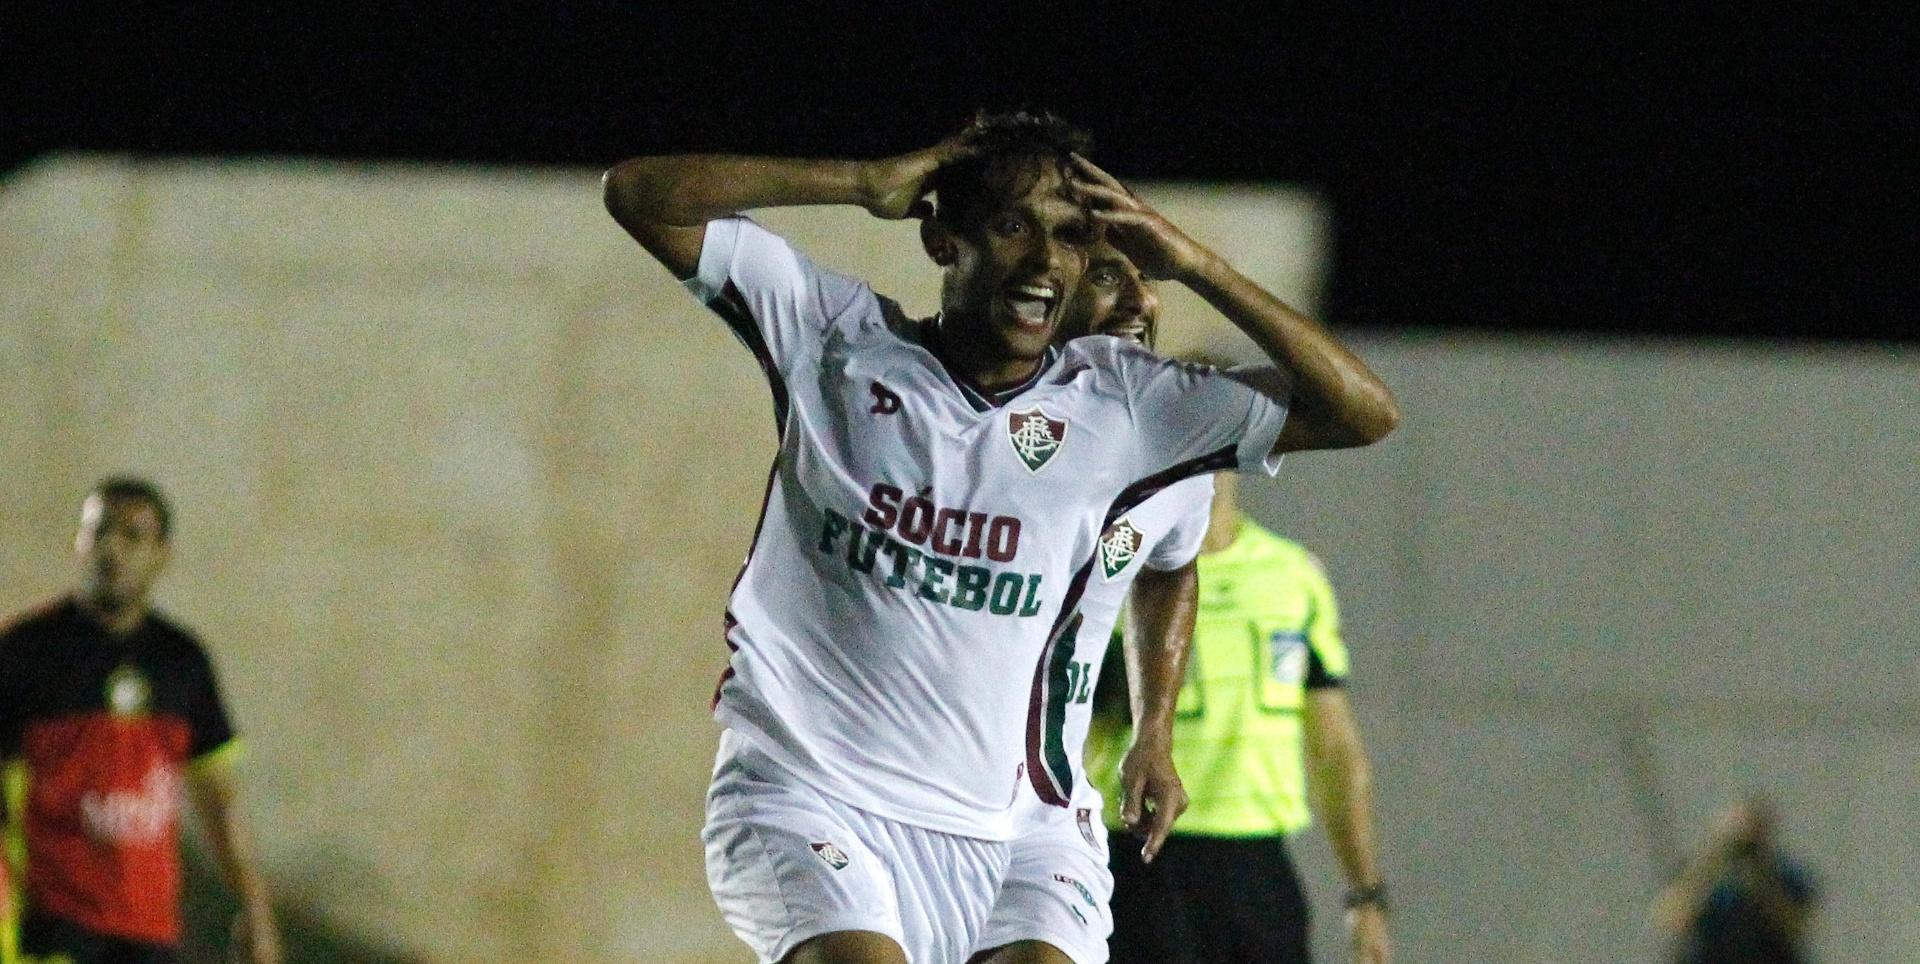 Gustavo Scarpa comemora após marcar um golaço para o Fluminense contra o Globo-RN